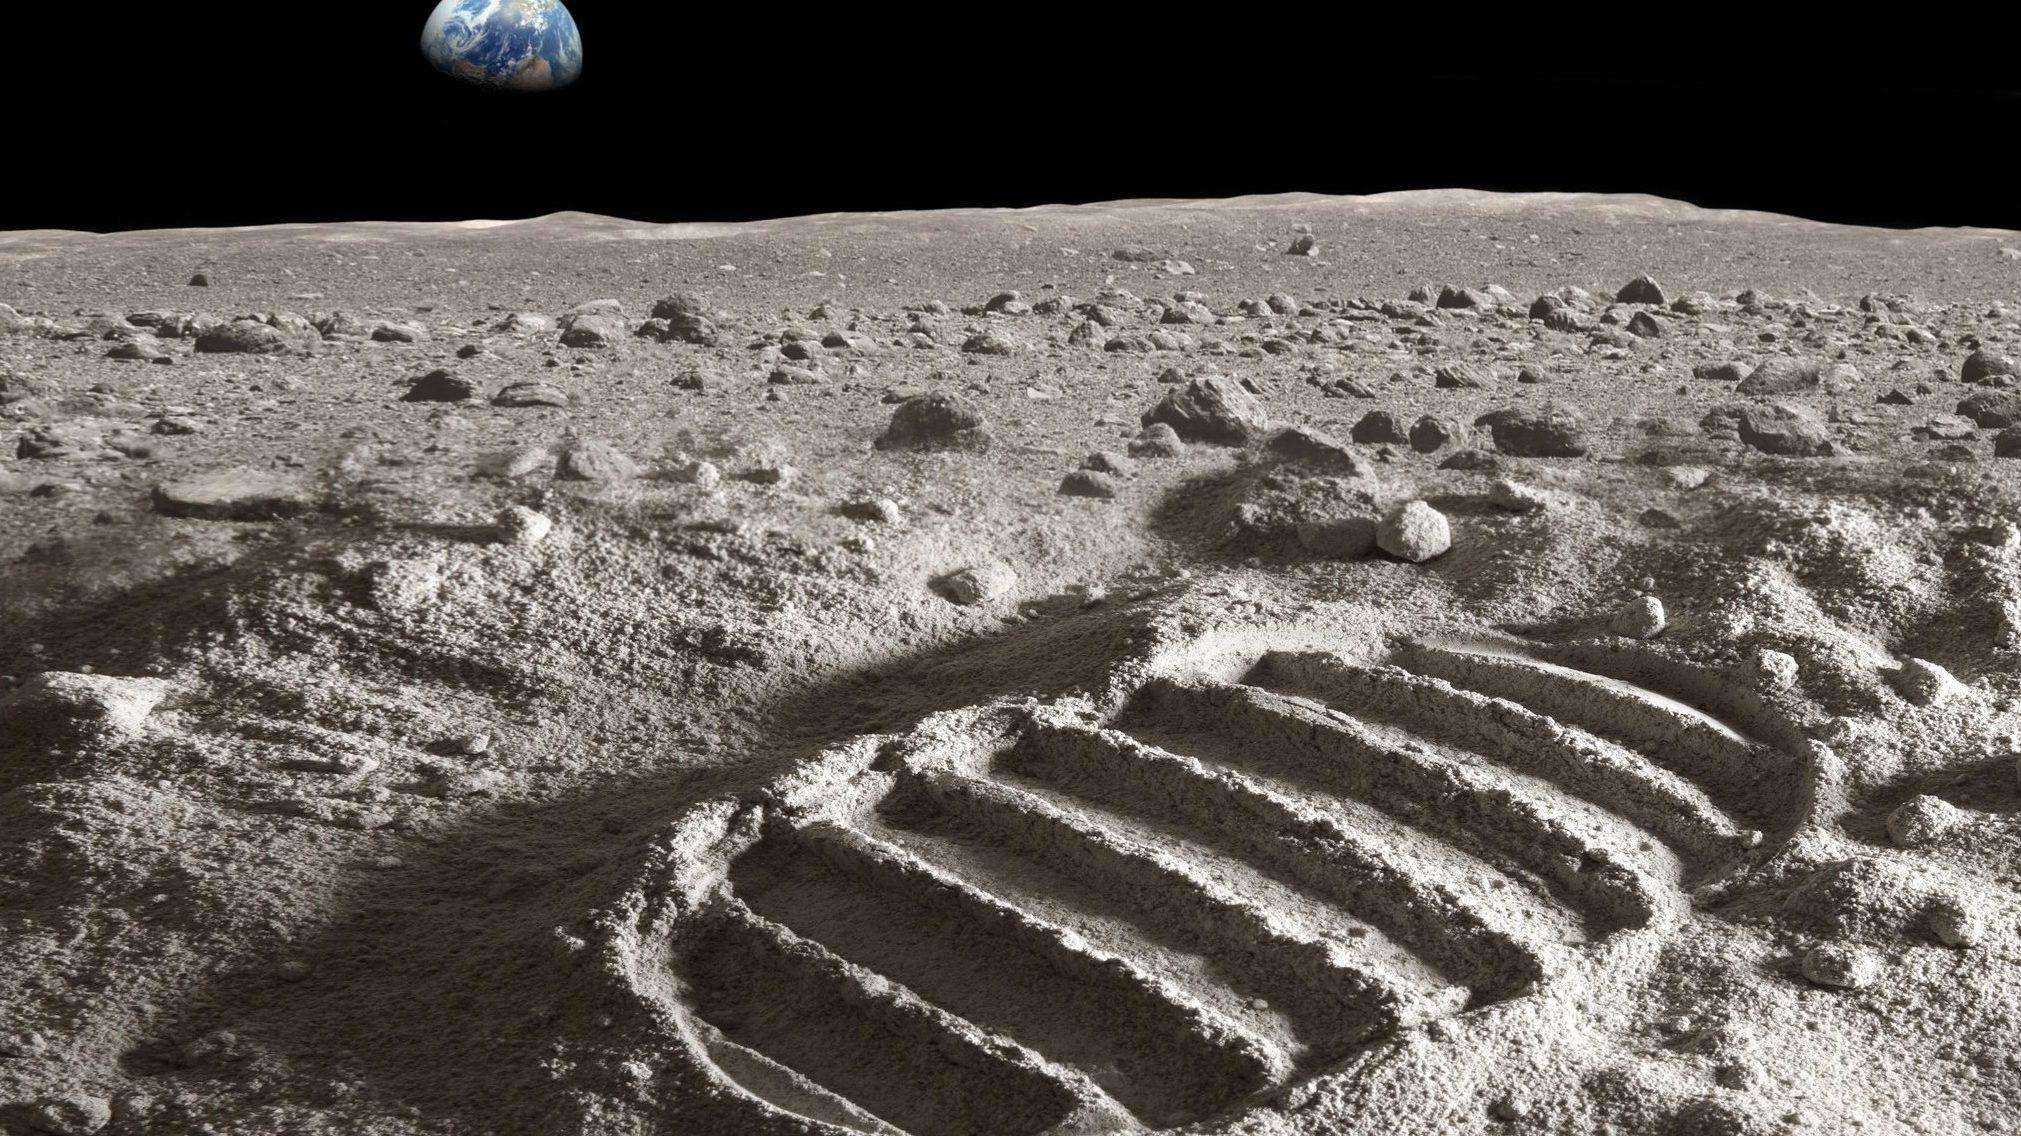 Космический субботник: уборка пыли на Луне - 1